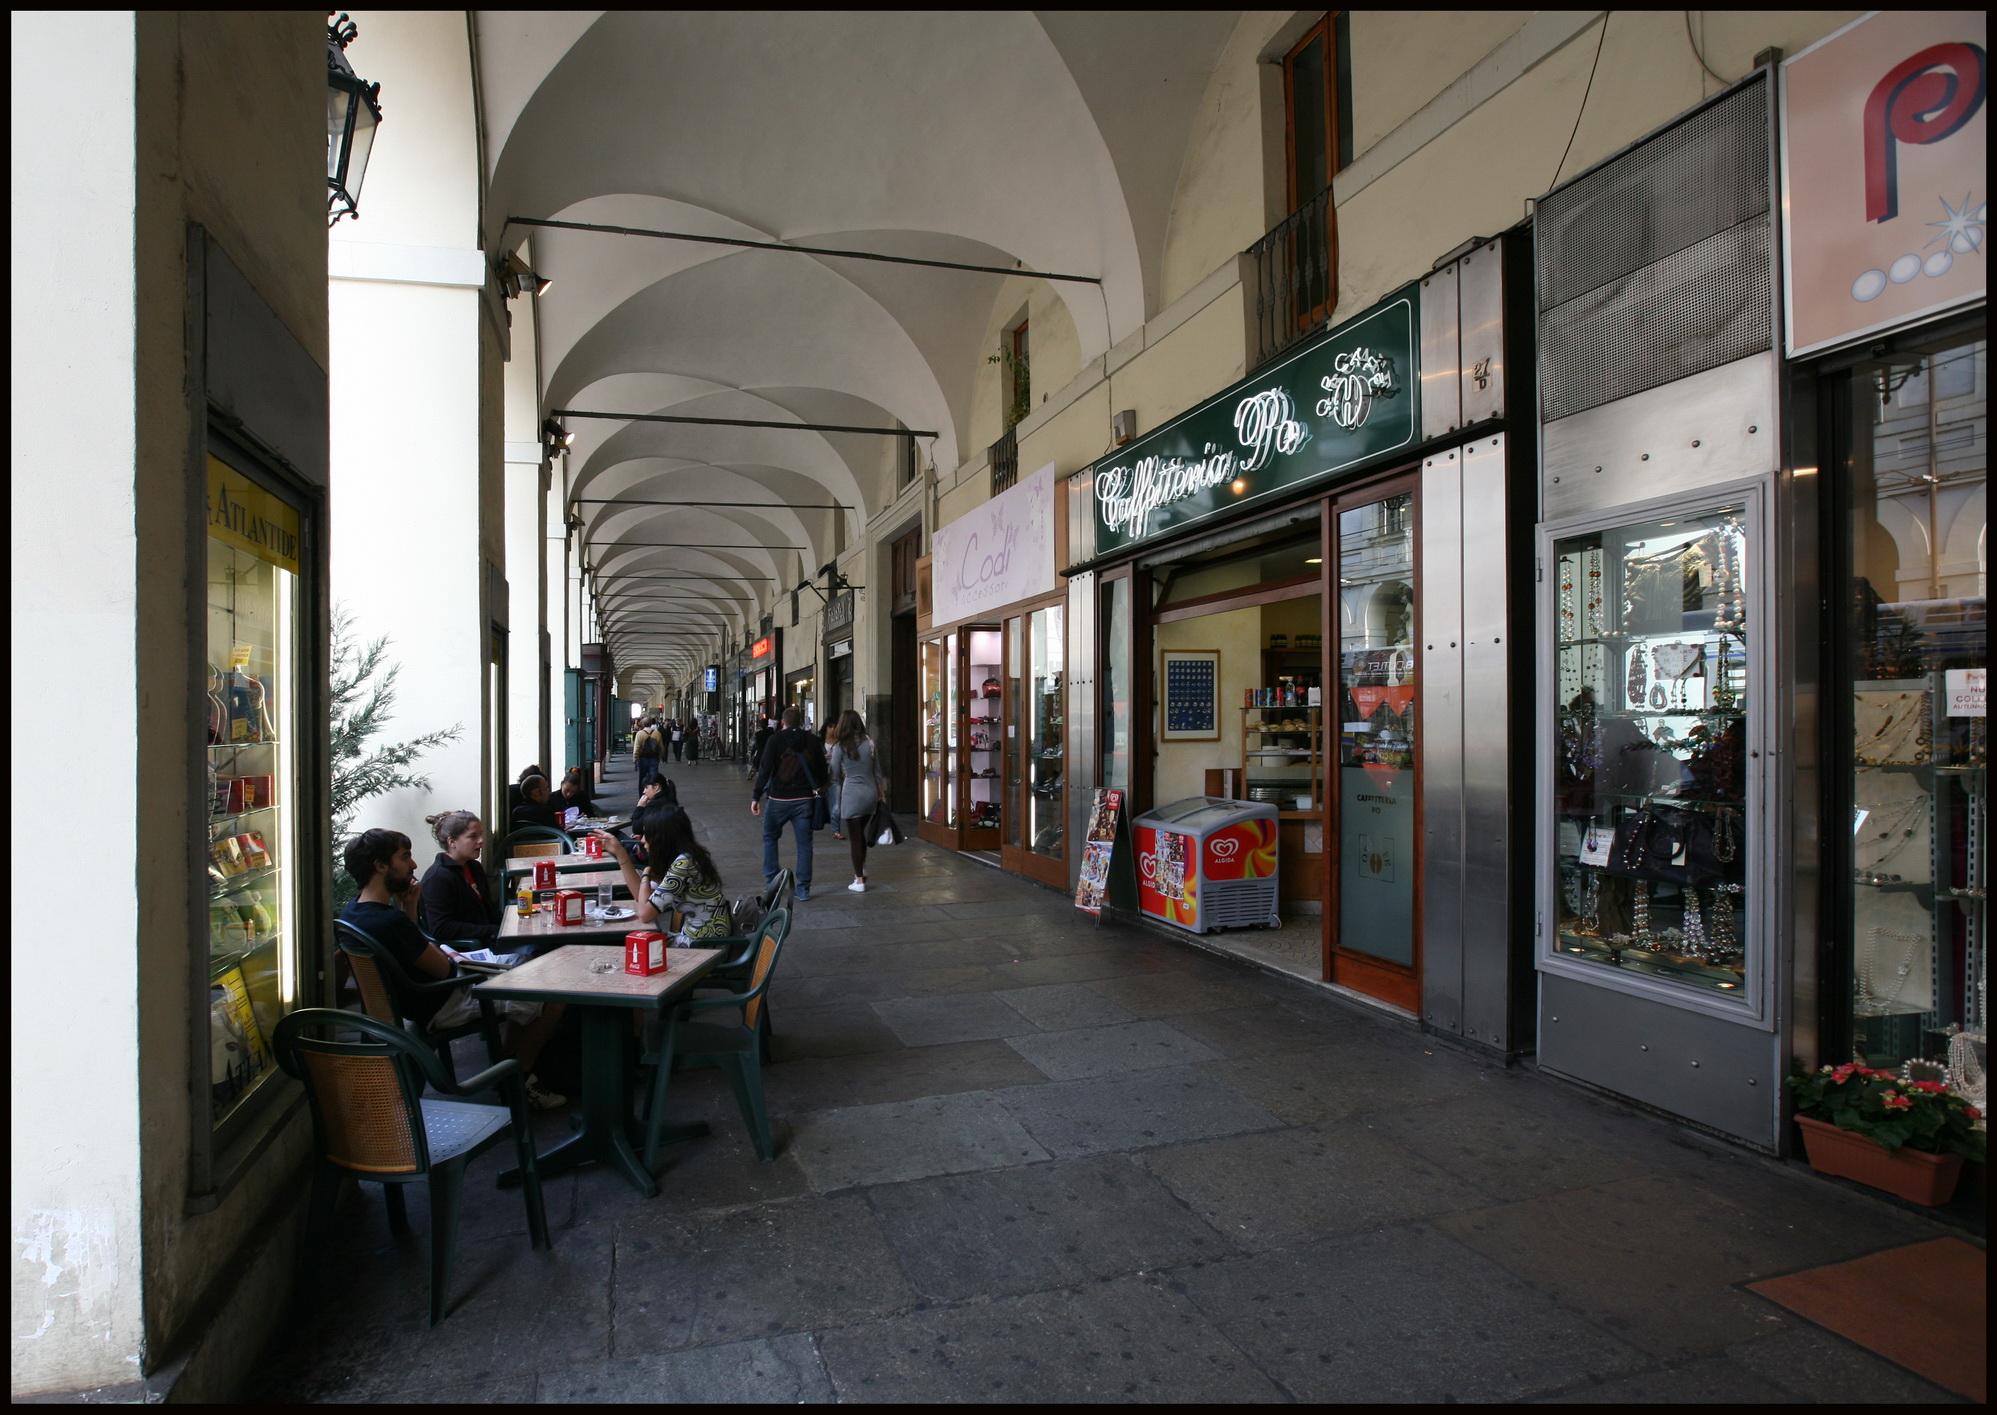 Al via la pulizia dei portici di via Po: si inizia dall'angolo con piazza Vittorio